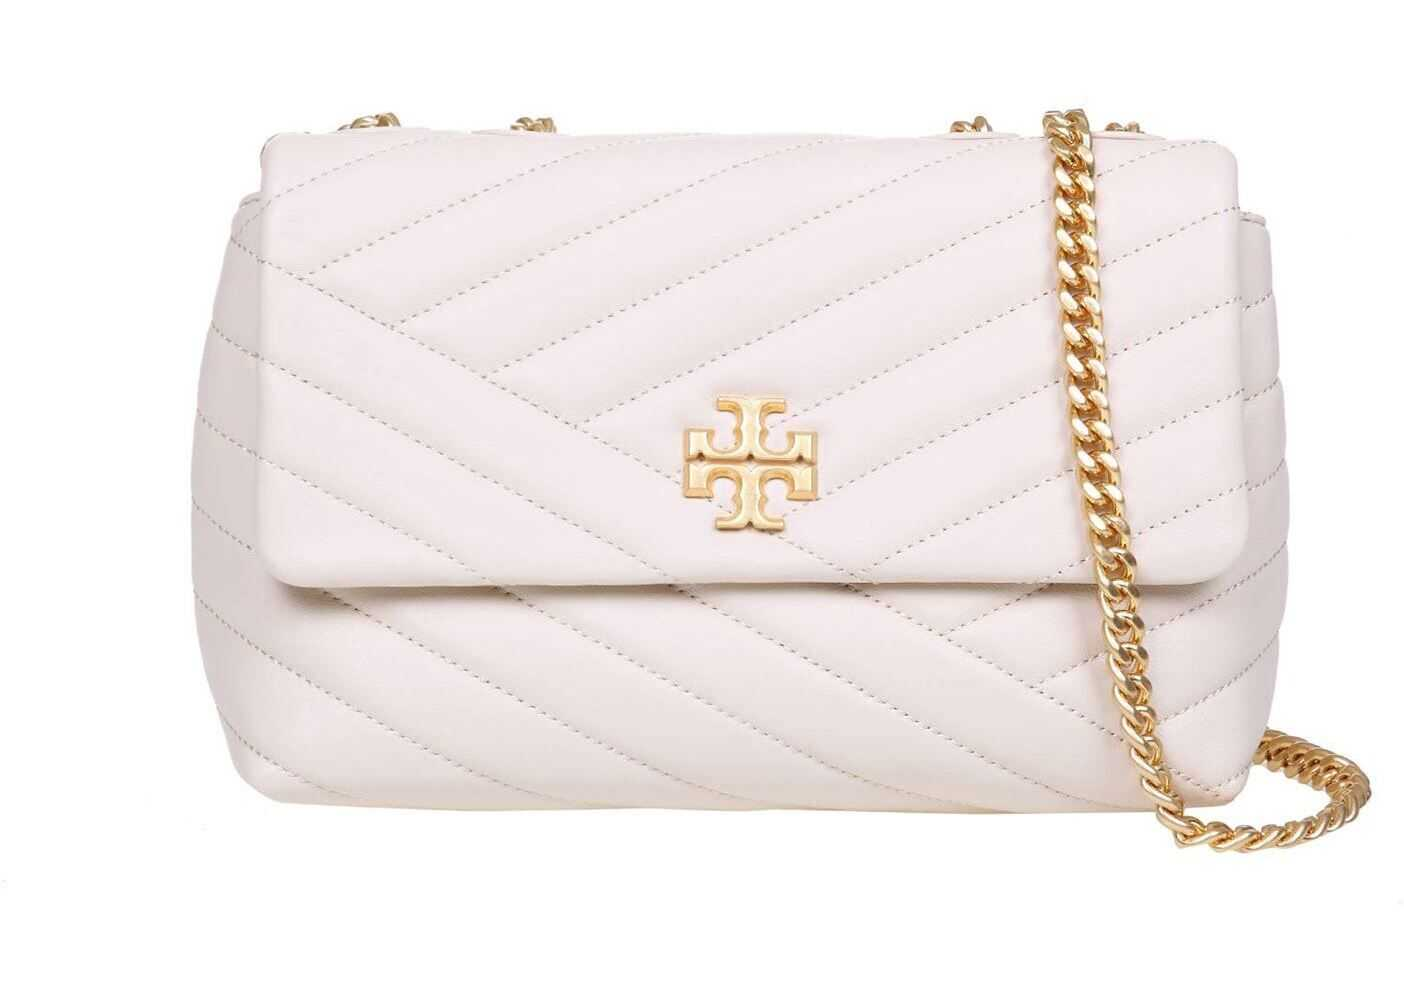 Tory Burch Kira Chevron Small Shoulder Bag In Cream Color 64963 115 Cream imagine b-mall.ro